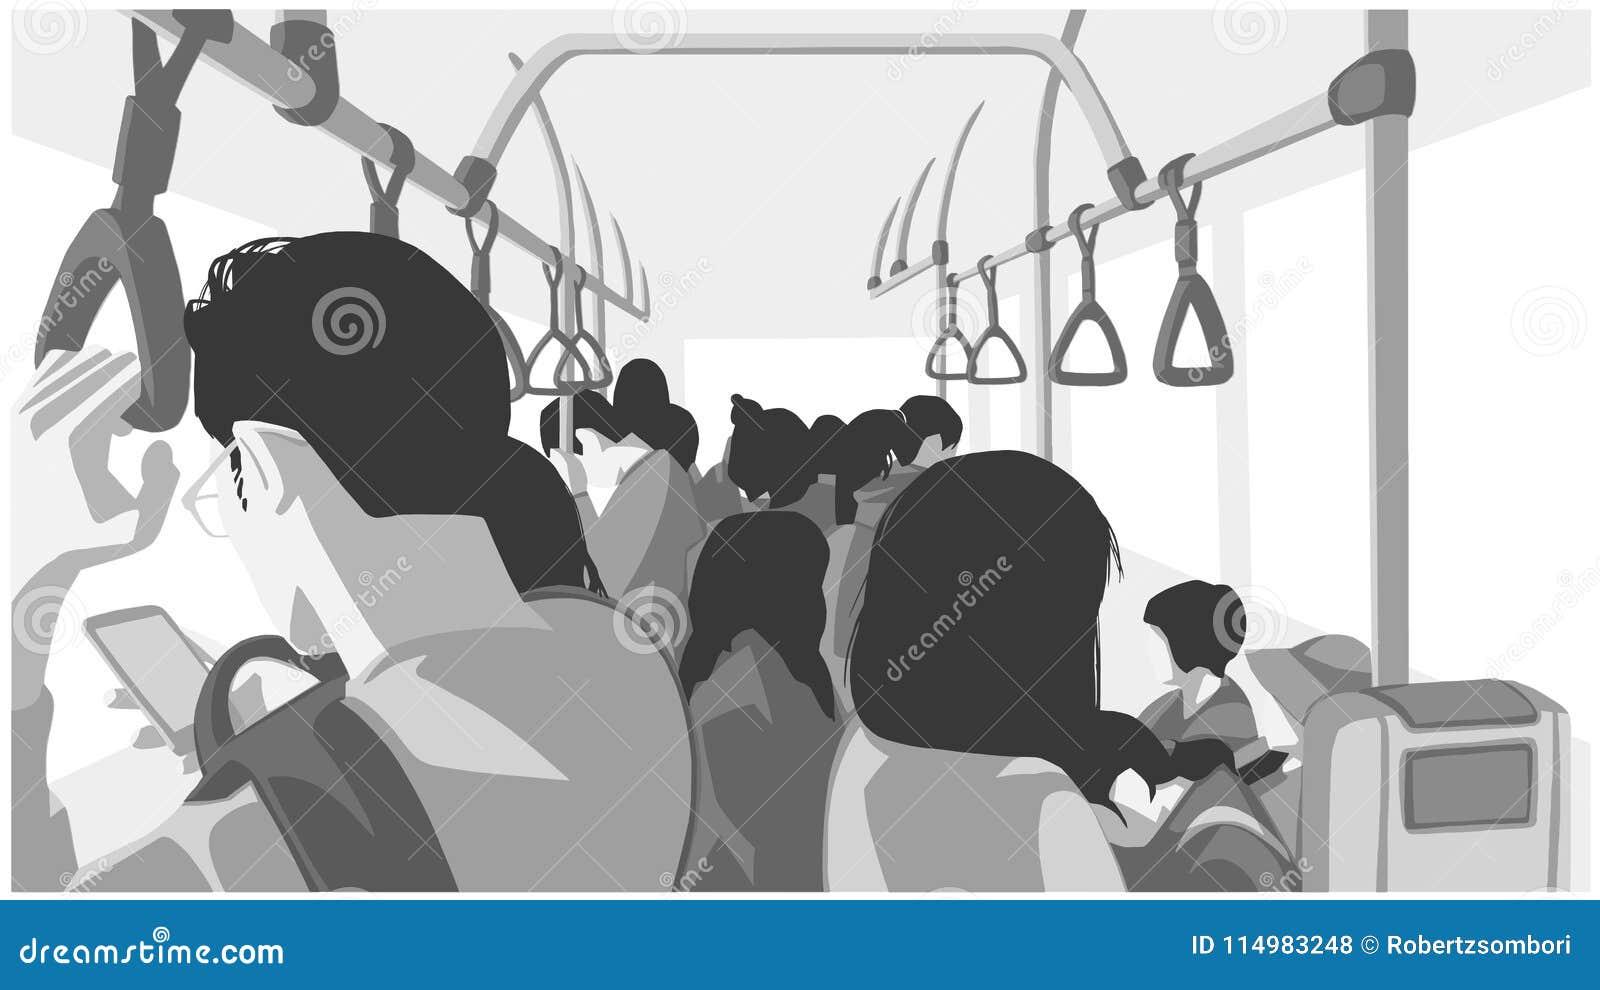 Illustratie van mensen die openbaar vervoer, bus, trein, metro, metro gebruiken